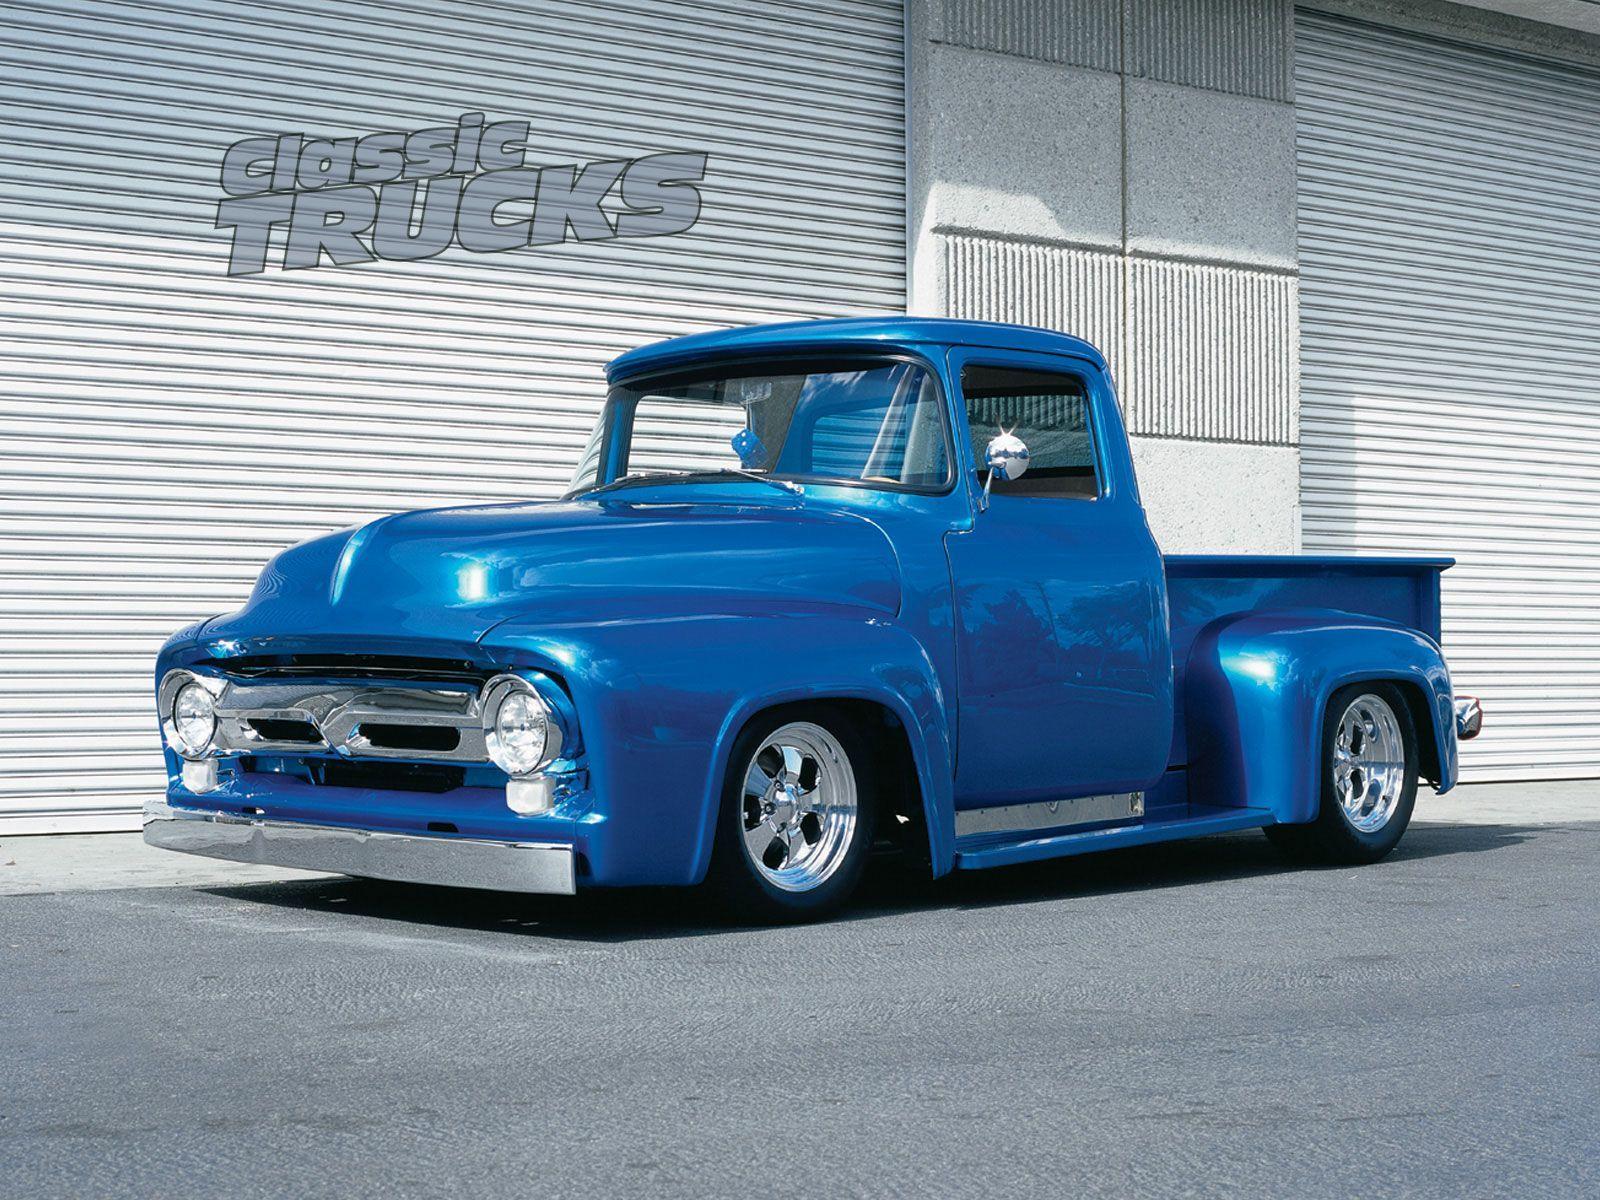 Classic Truck Desktop Wallpapers Free Downloads Con Imagenes